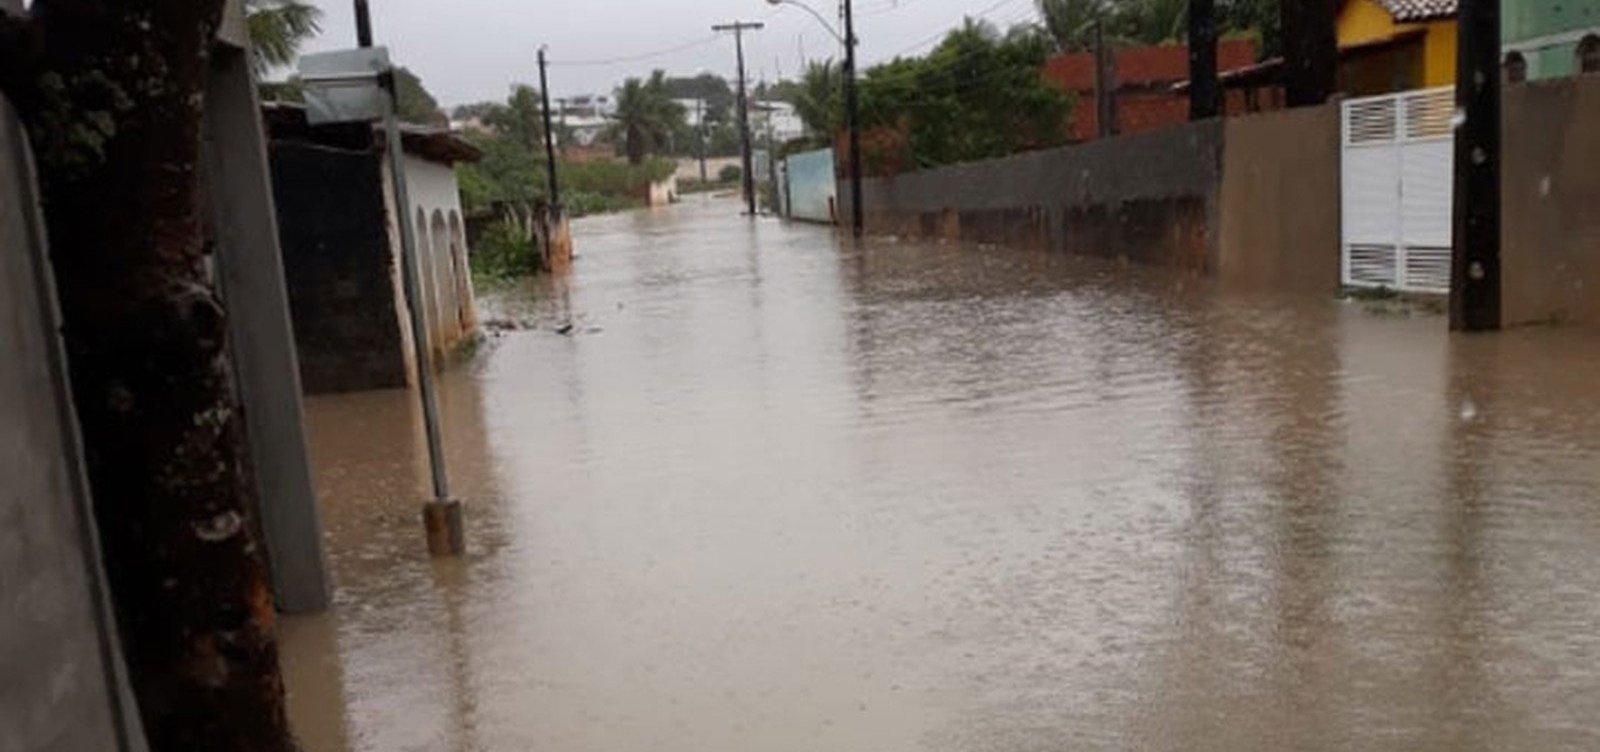 Alagoinhas: chuva forte alaga ruas e residências